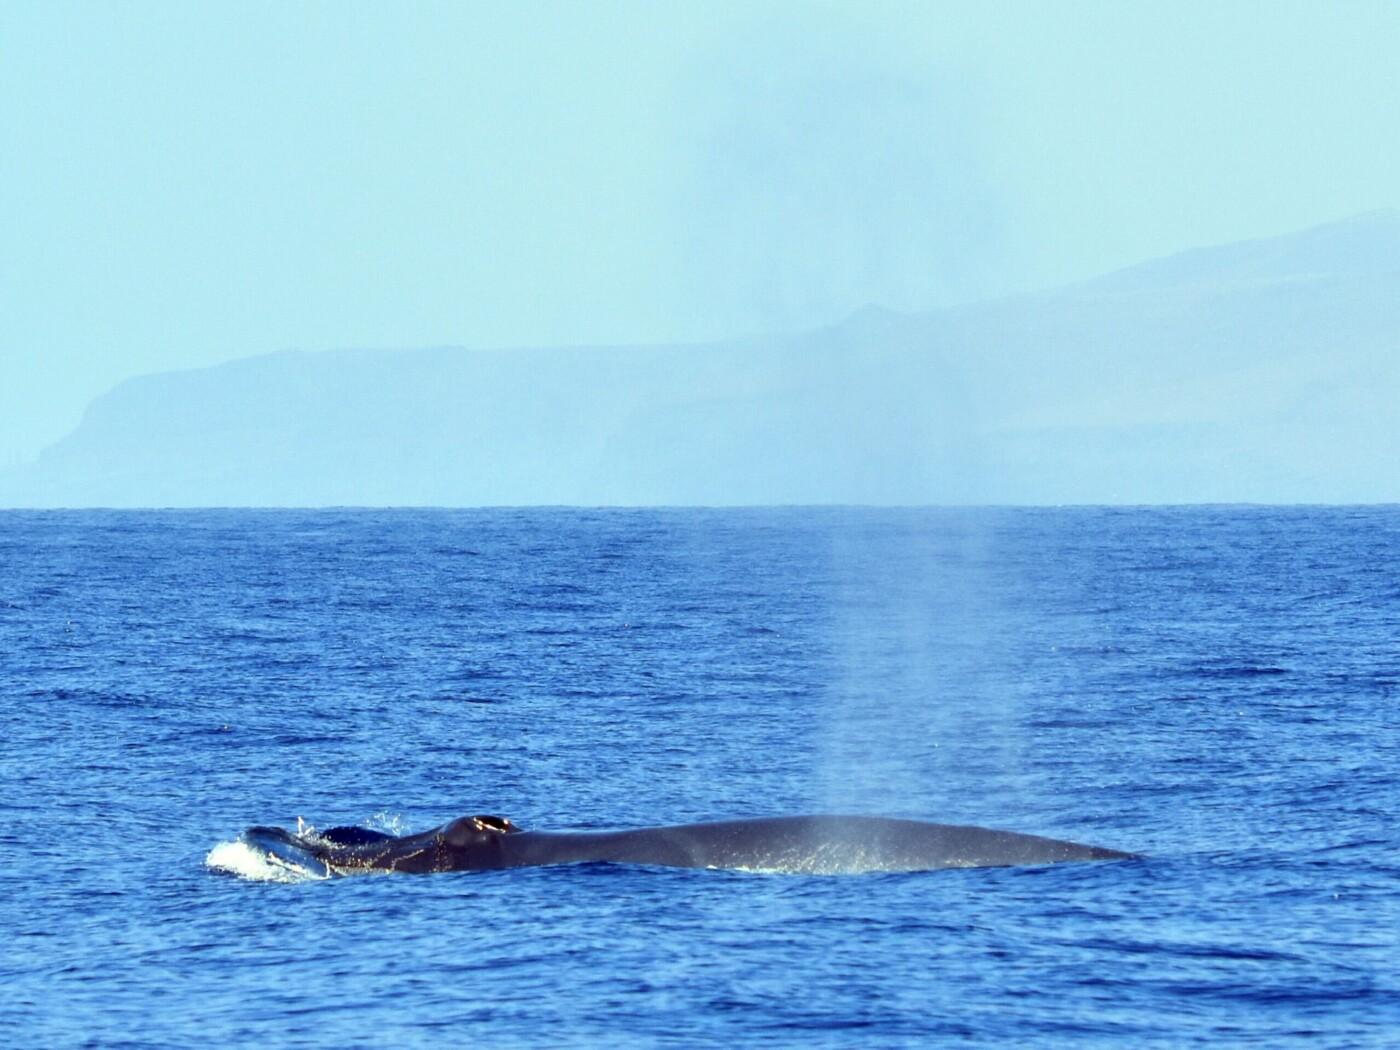 Ballenas y delfines 77f53129-df8c-4bd4-83c2-c00a4a91276c